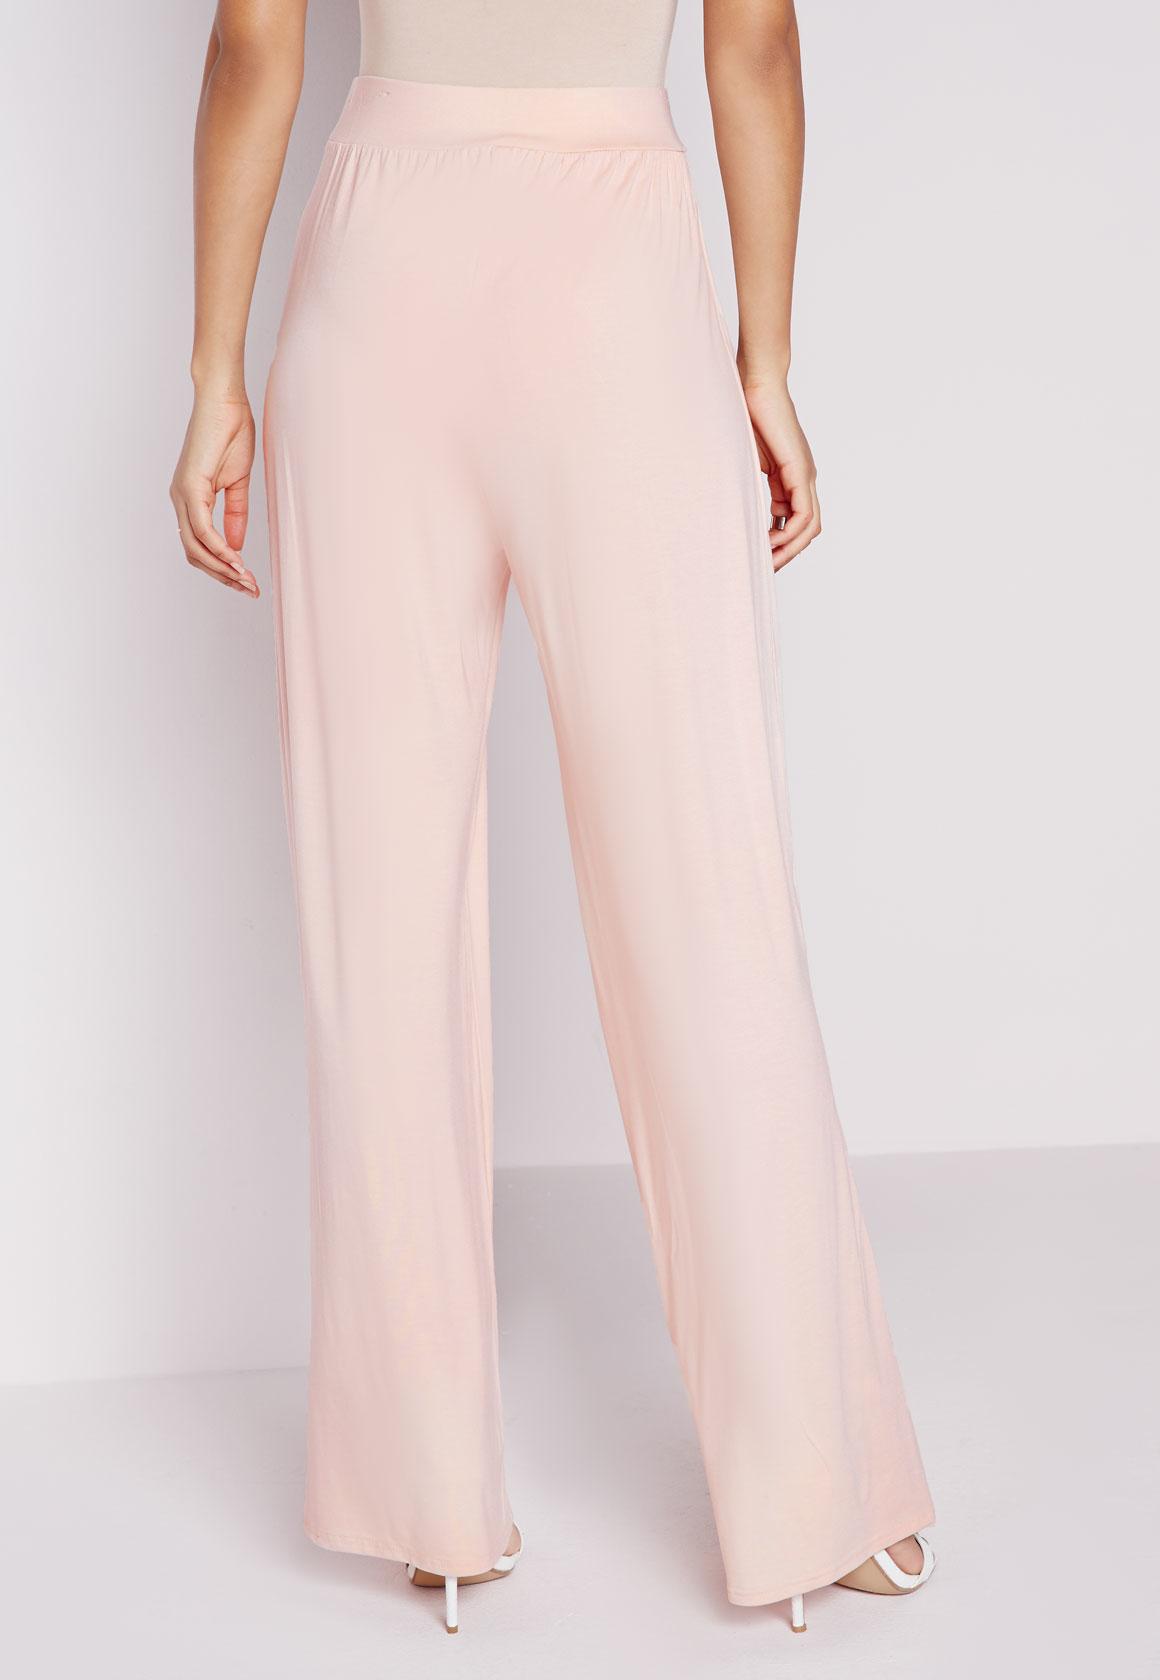 White Straight Leg Jeans For Women